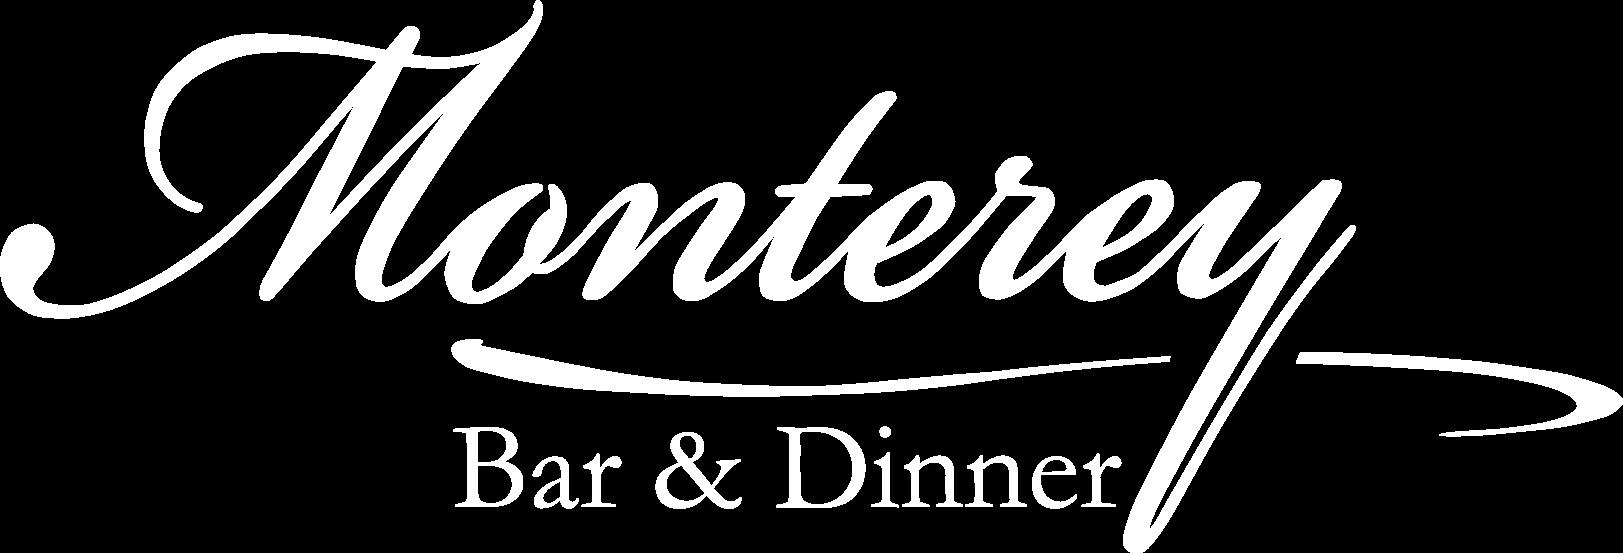 Monterey Bar & Dinner